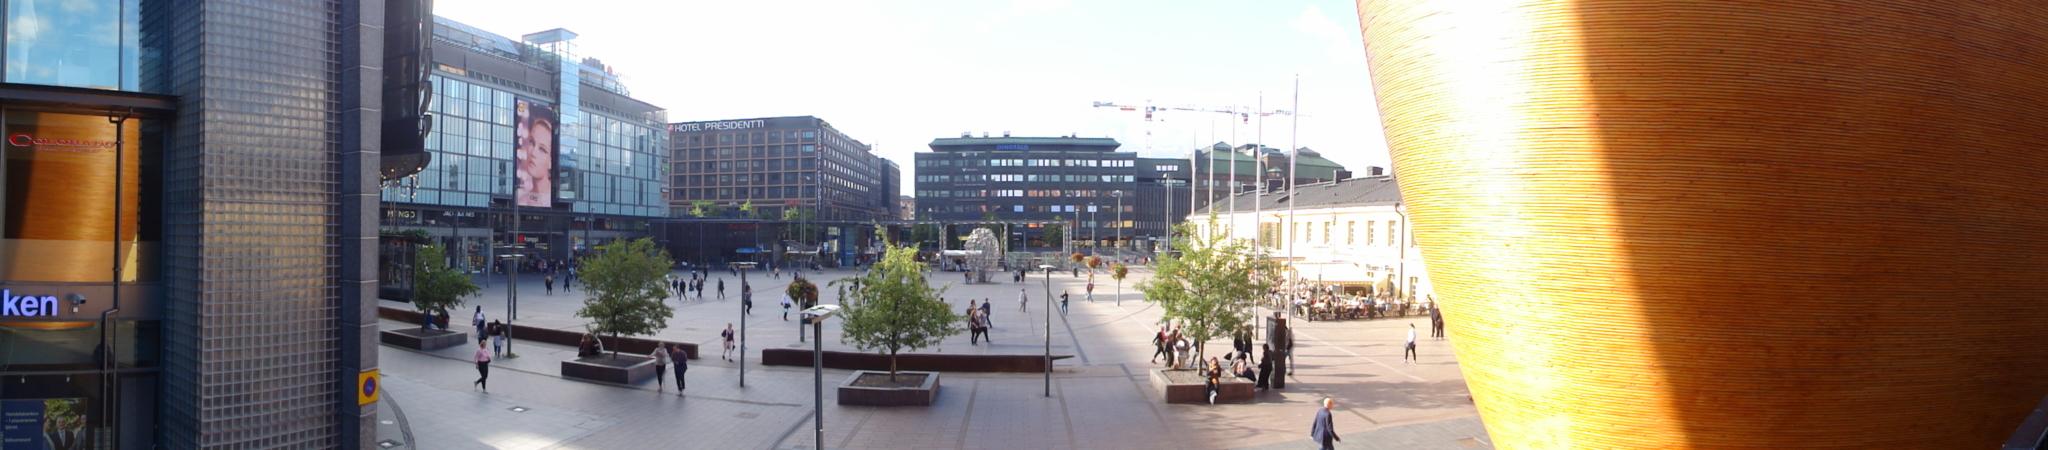 20160817 Helsinki 18